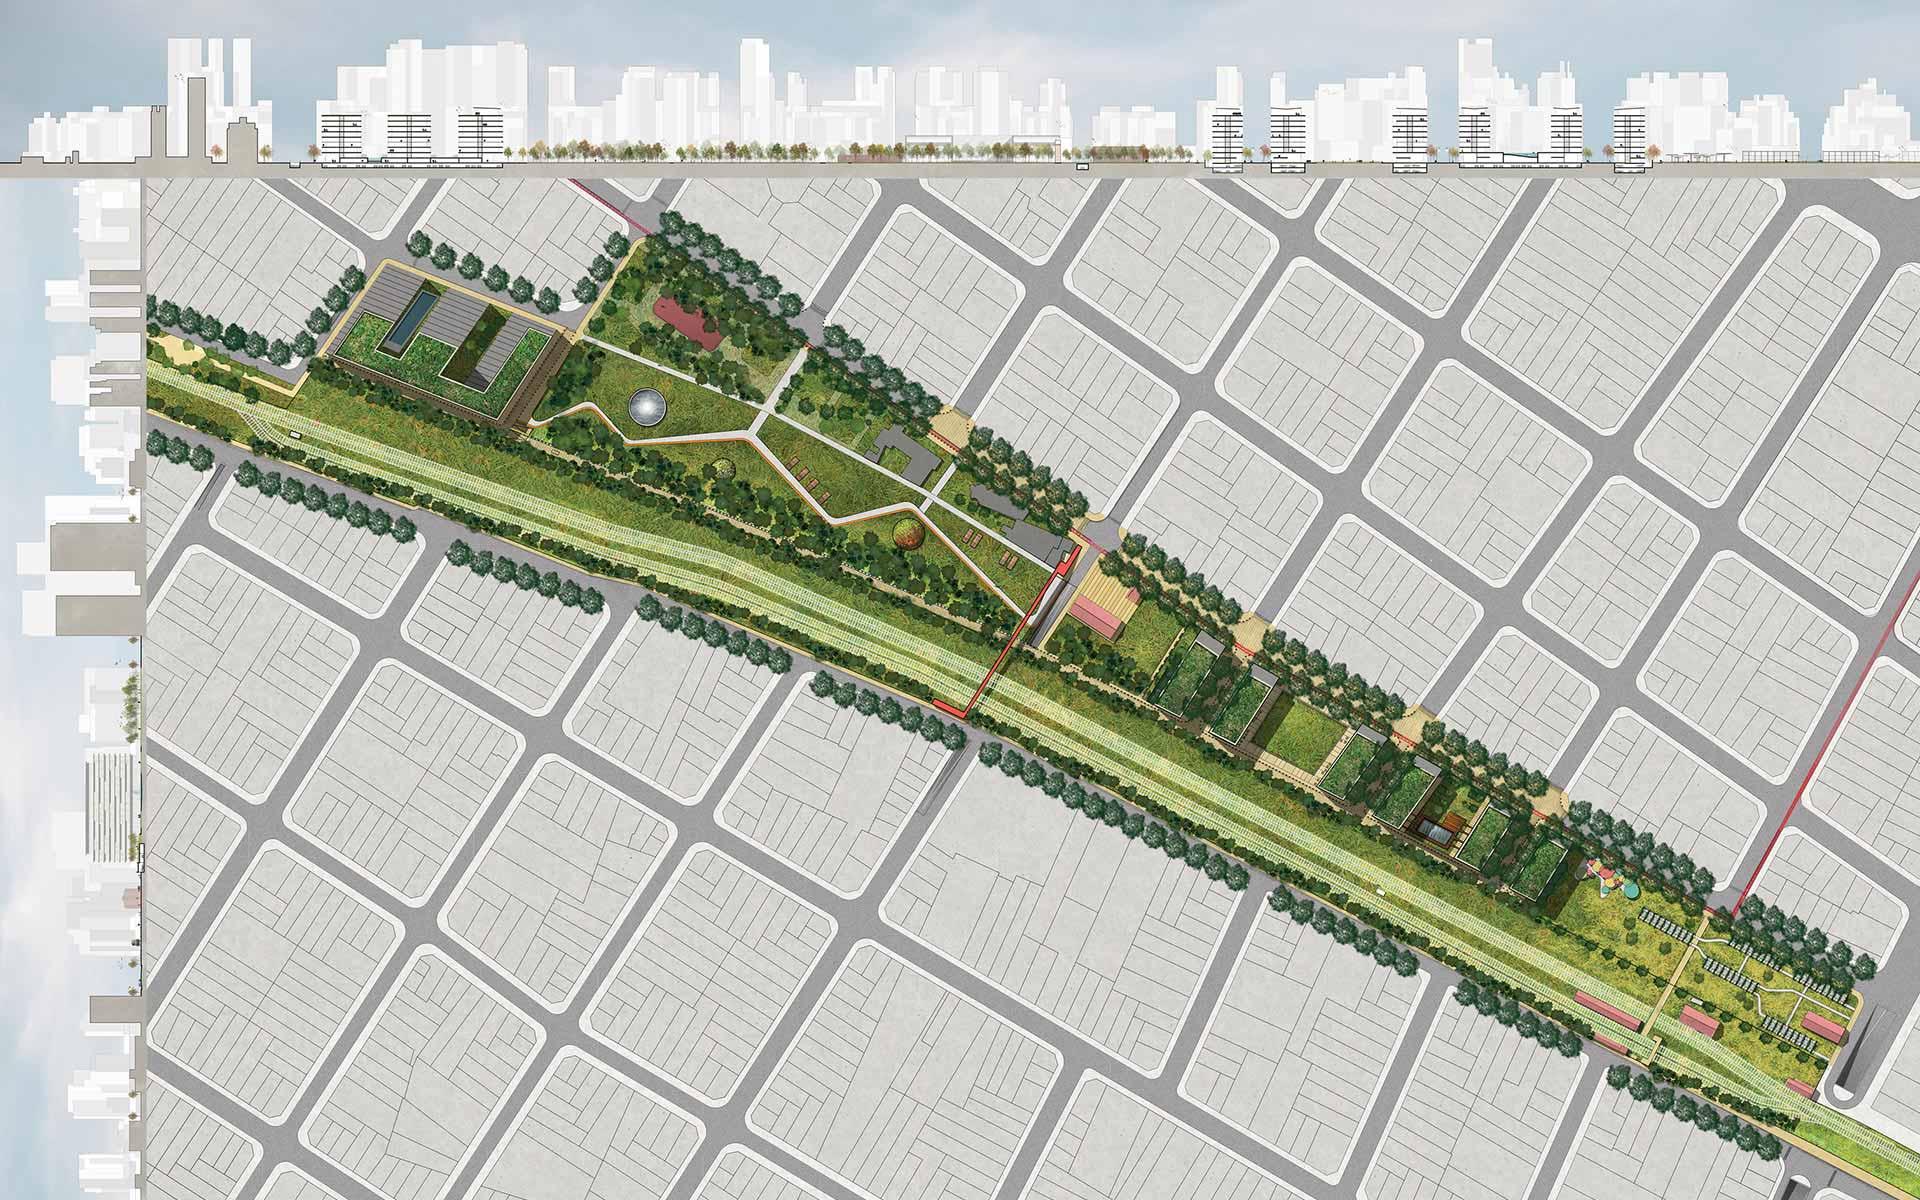 Arquitectura y Paisaje, planta y secciones del masterplan y la intervención en el area de colegiales con la inserción urbana de edificios y parques